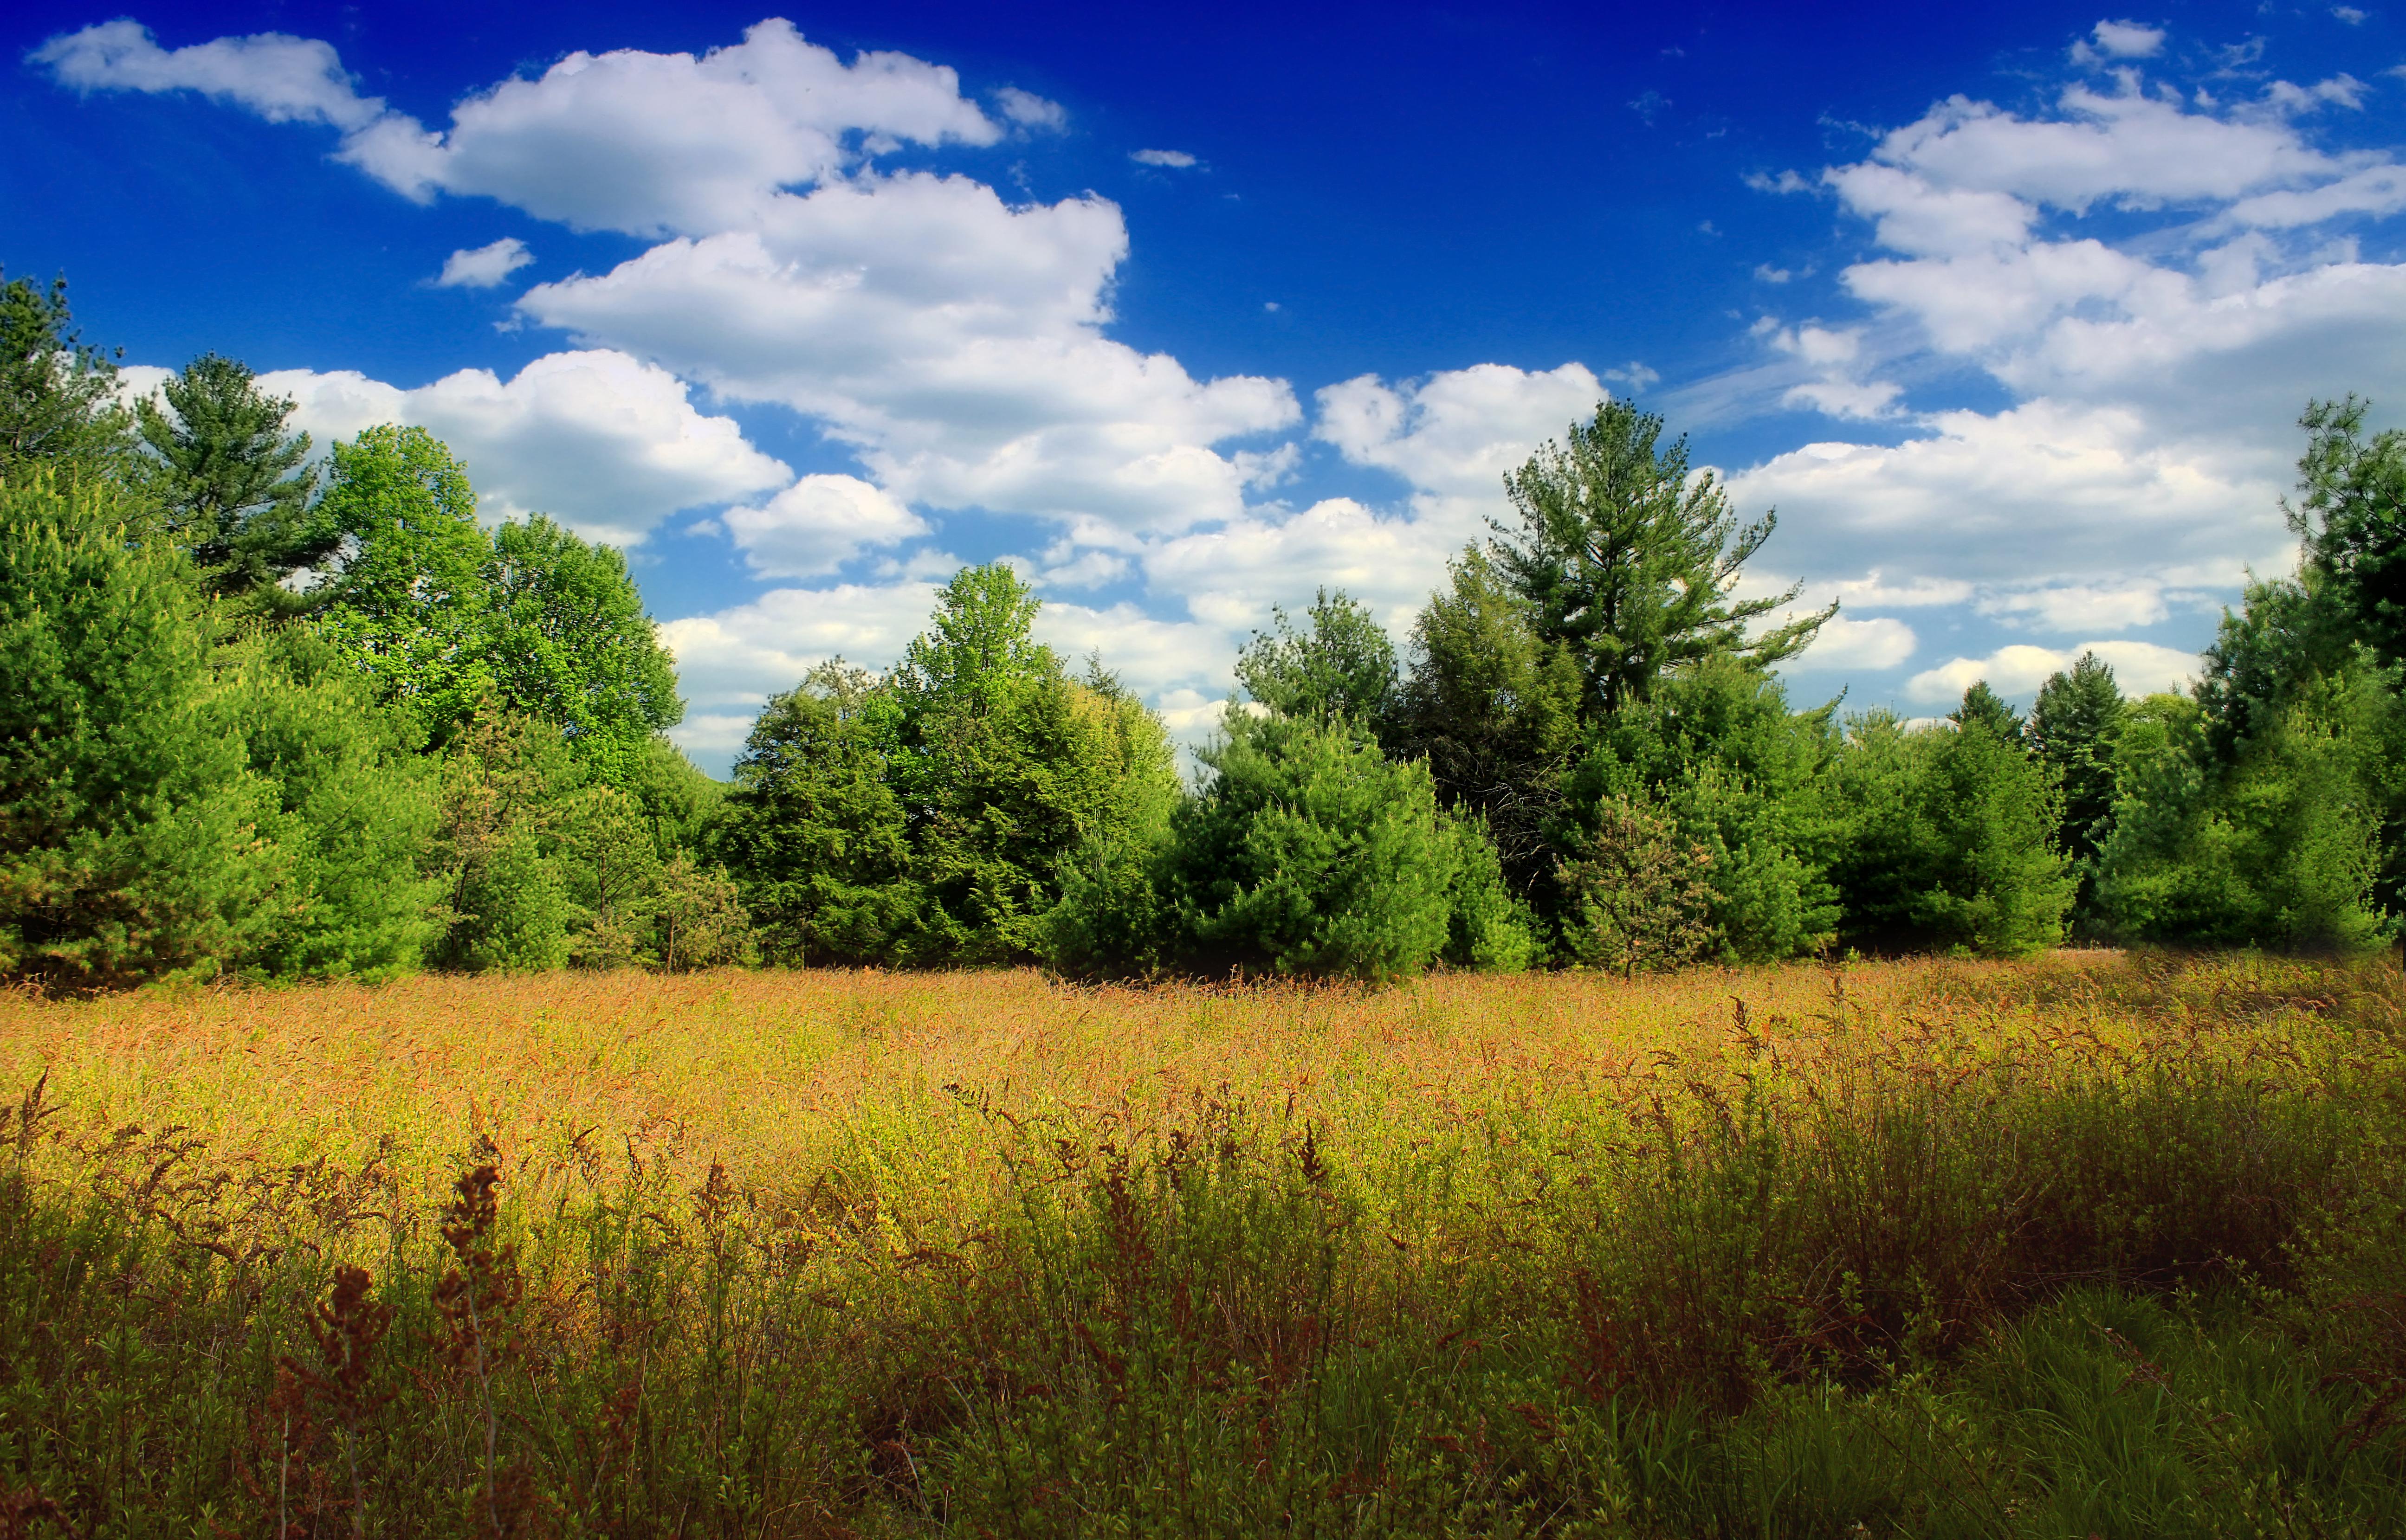 Поле лес небо картинка